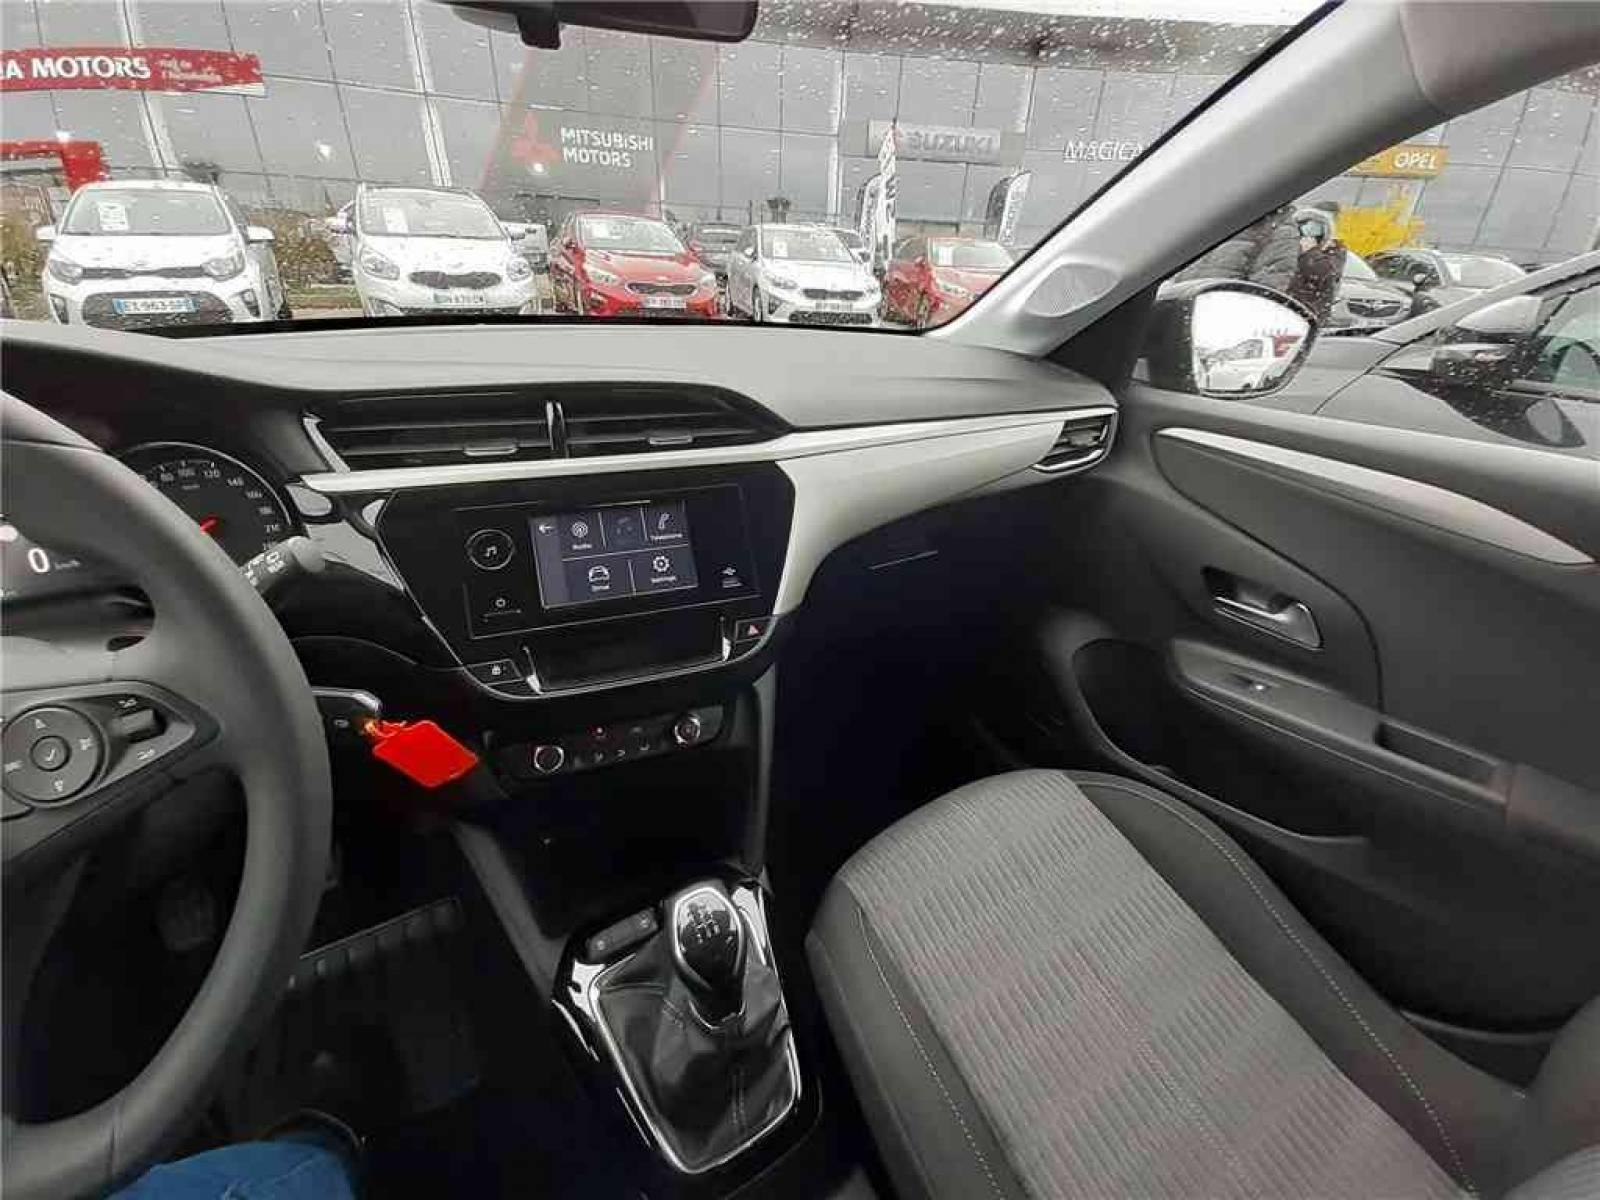 OPEL Corsa 1.2 75 ch BVM5 - véhicule d'occasion - Groupe Guillet - Opel Magicauto - Montceau-les-Mines - 71300 - Montceau-les-Mines - 34